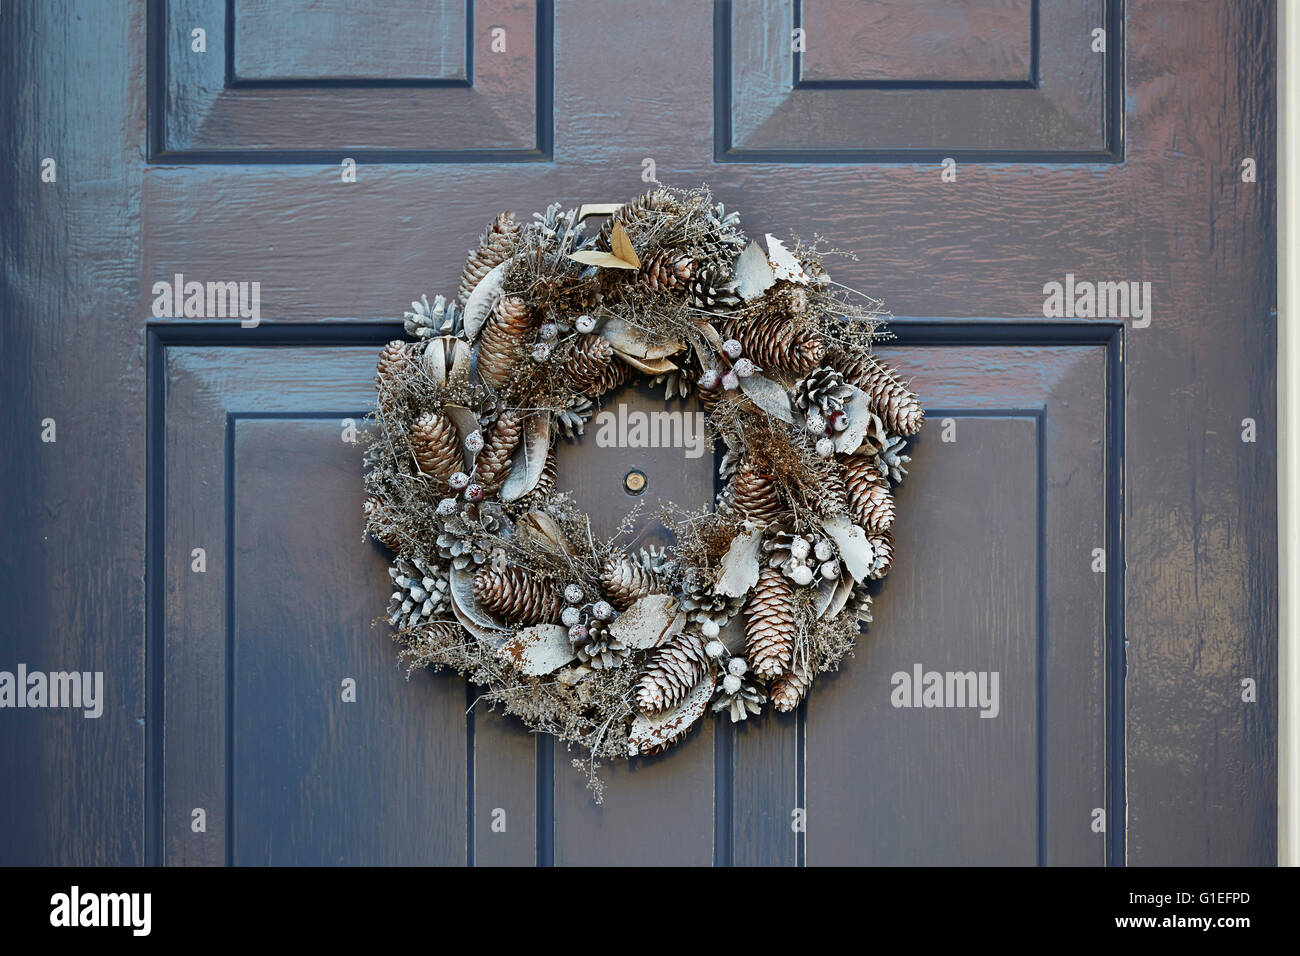 Christmas Garland on Door. Garland with acorns on the door. - Stock Image